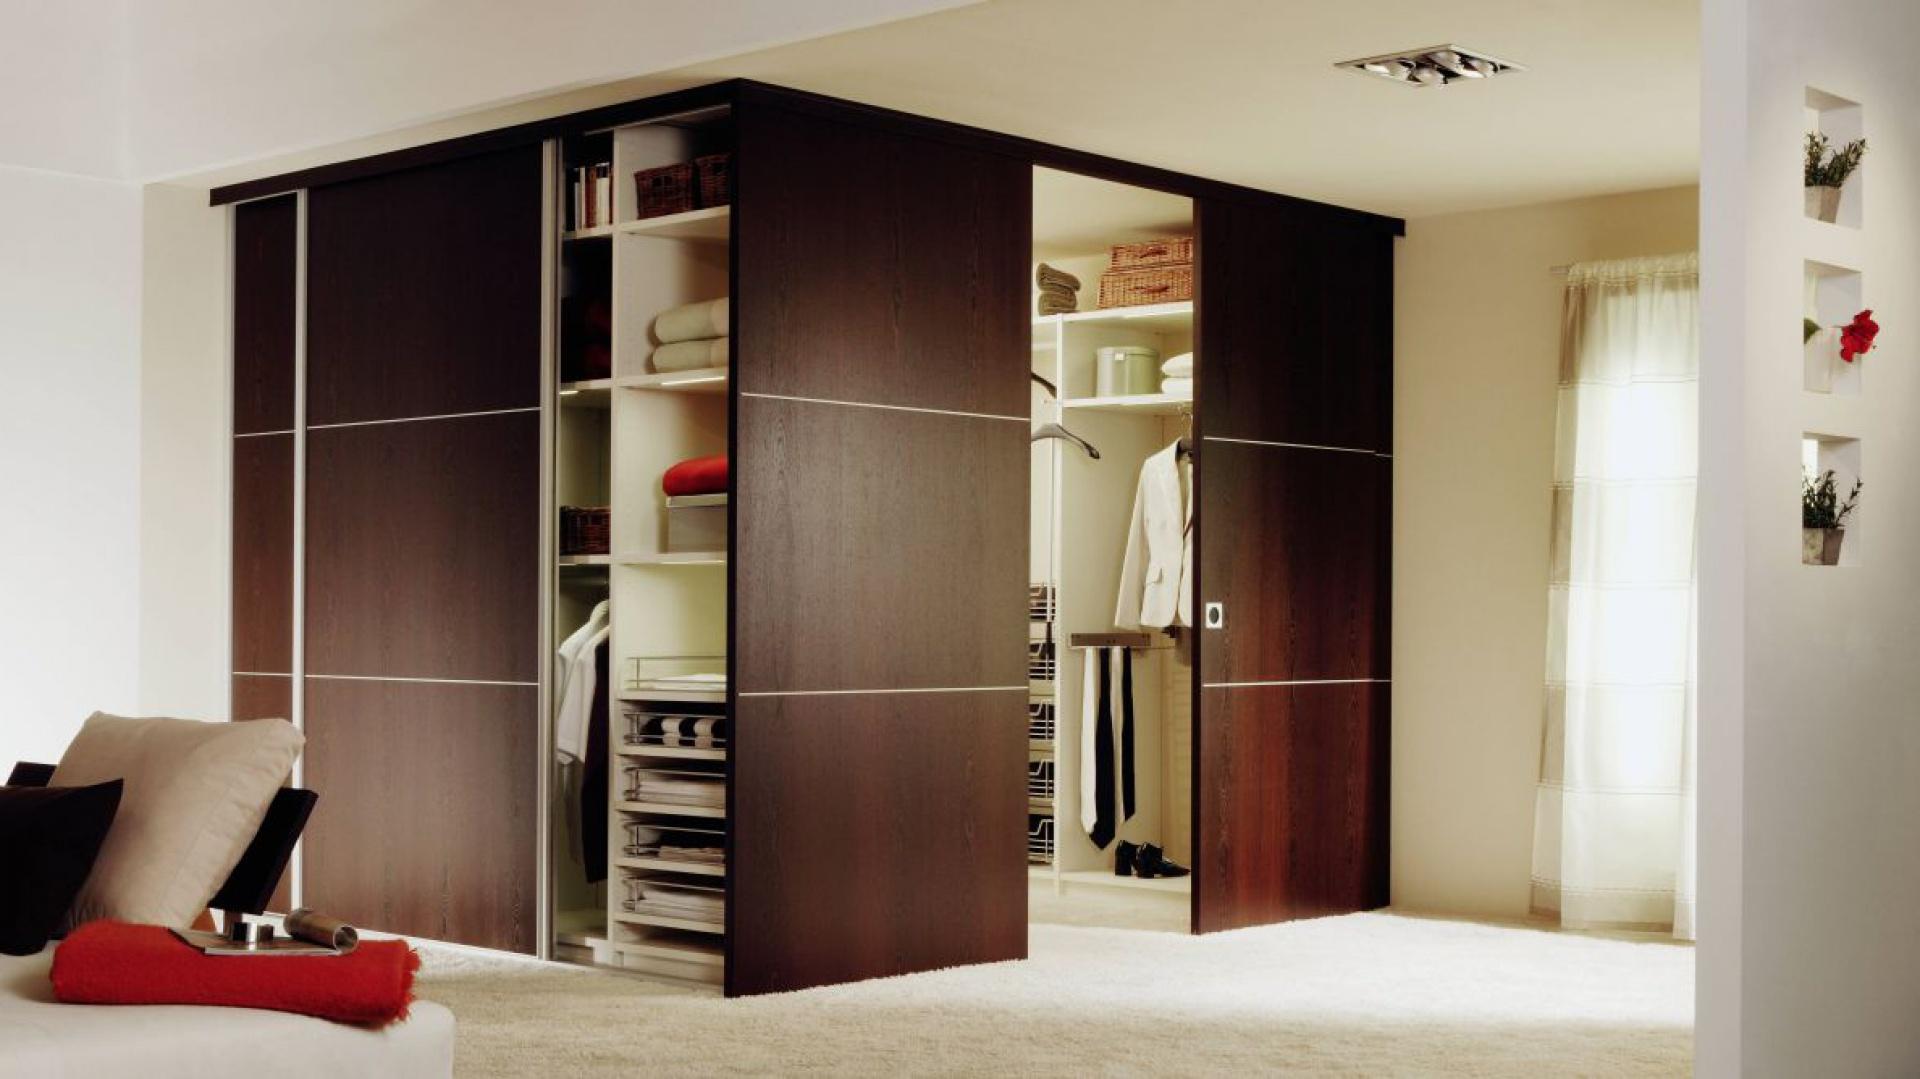 """Стильная гардеробная комната"""" - карточка пользователя miss.m."""